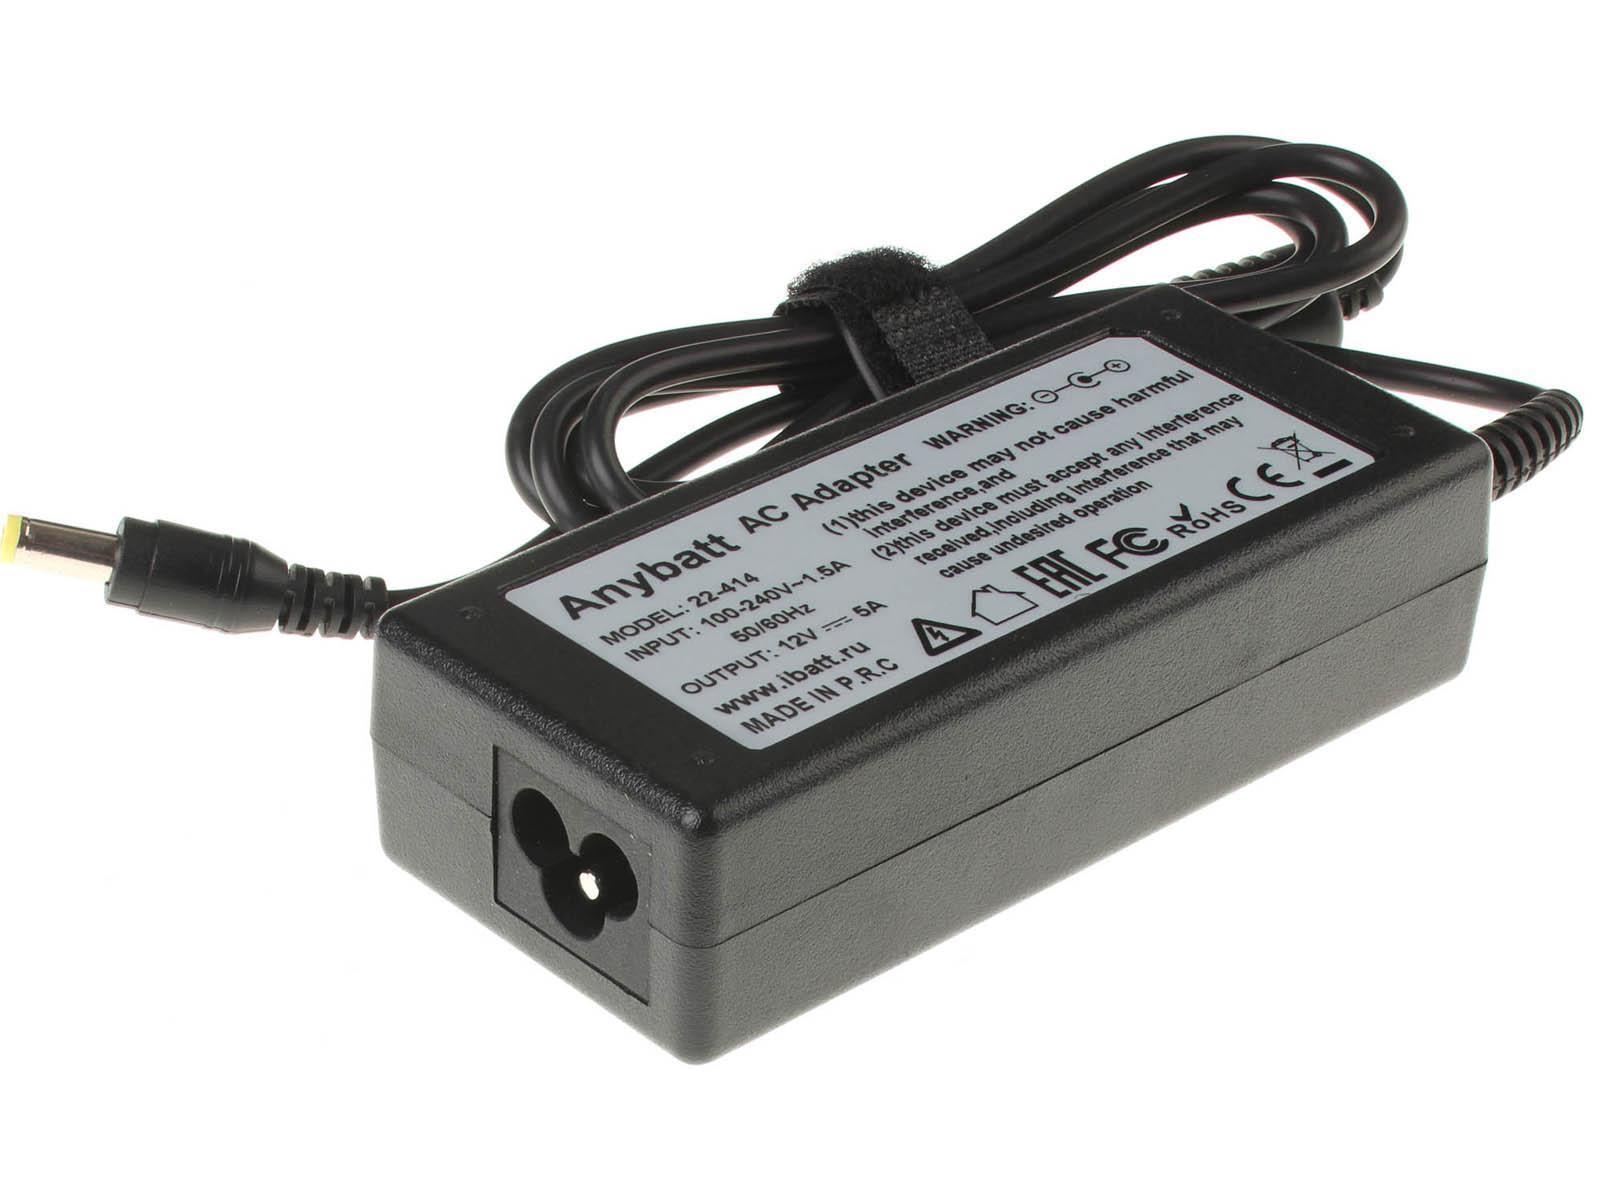 Блок питания (адаптер питания) AD7212G для ноутбука Acer. Артикул 22-414. Напряжение (V): 12